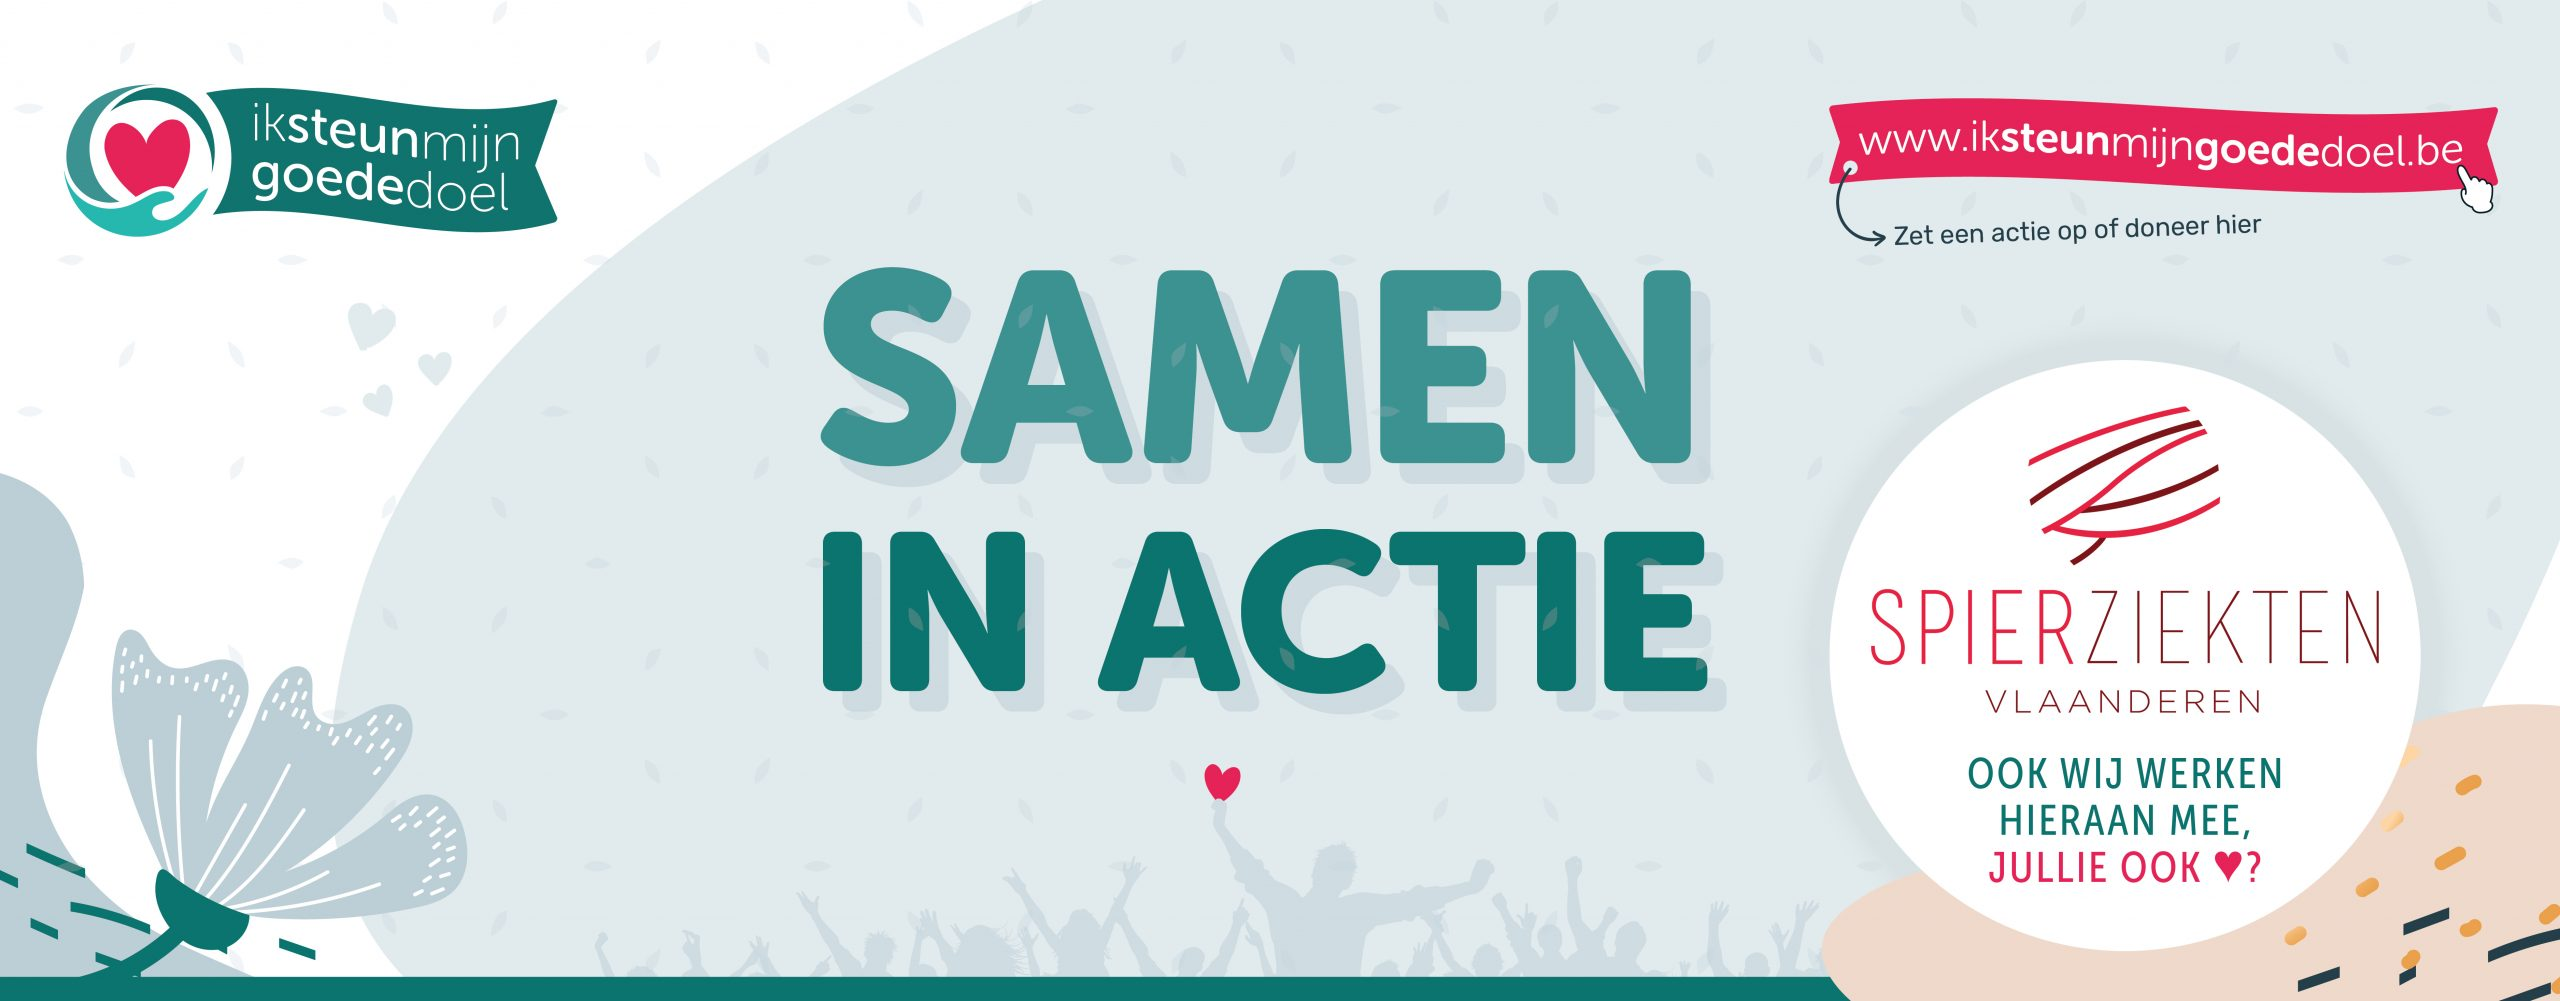 Ik-steun-mij-goed-doel-banner-scaled IkSteunMijnGoedeDoel.be